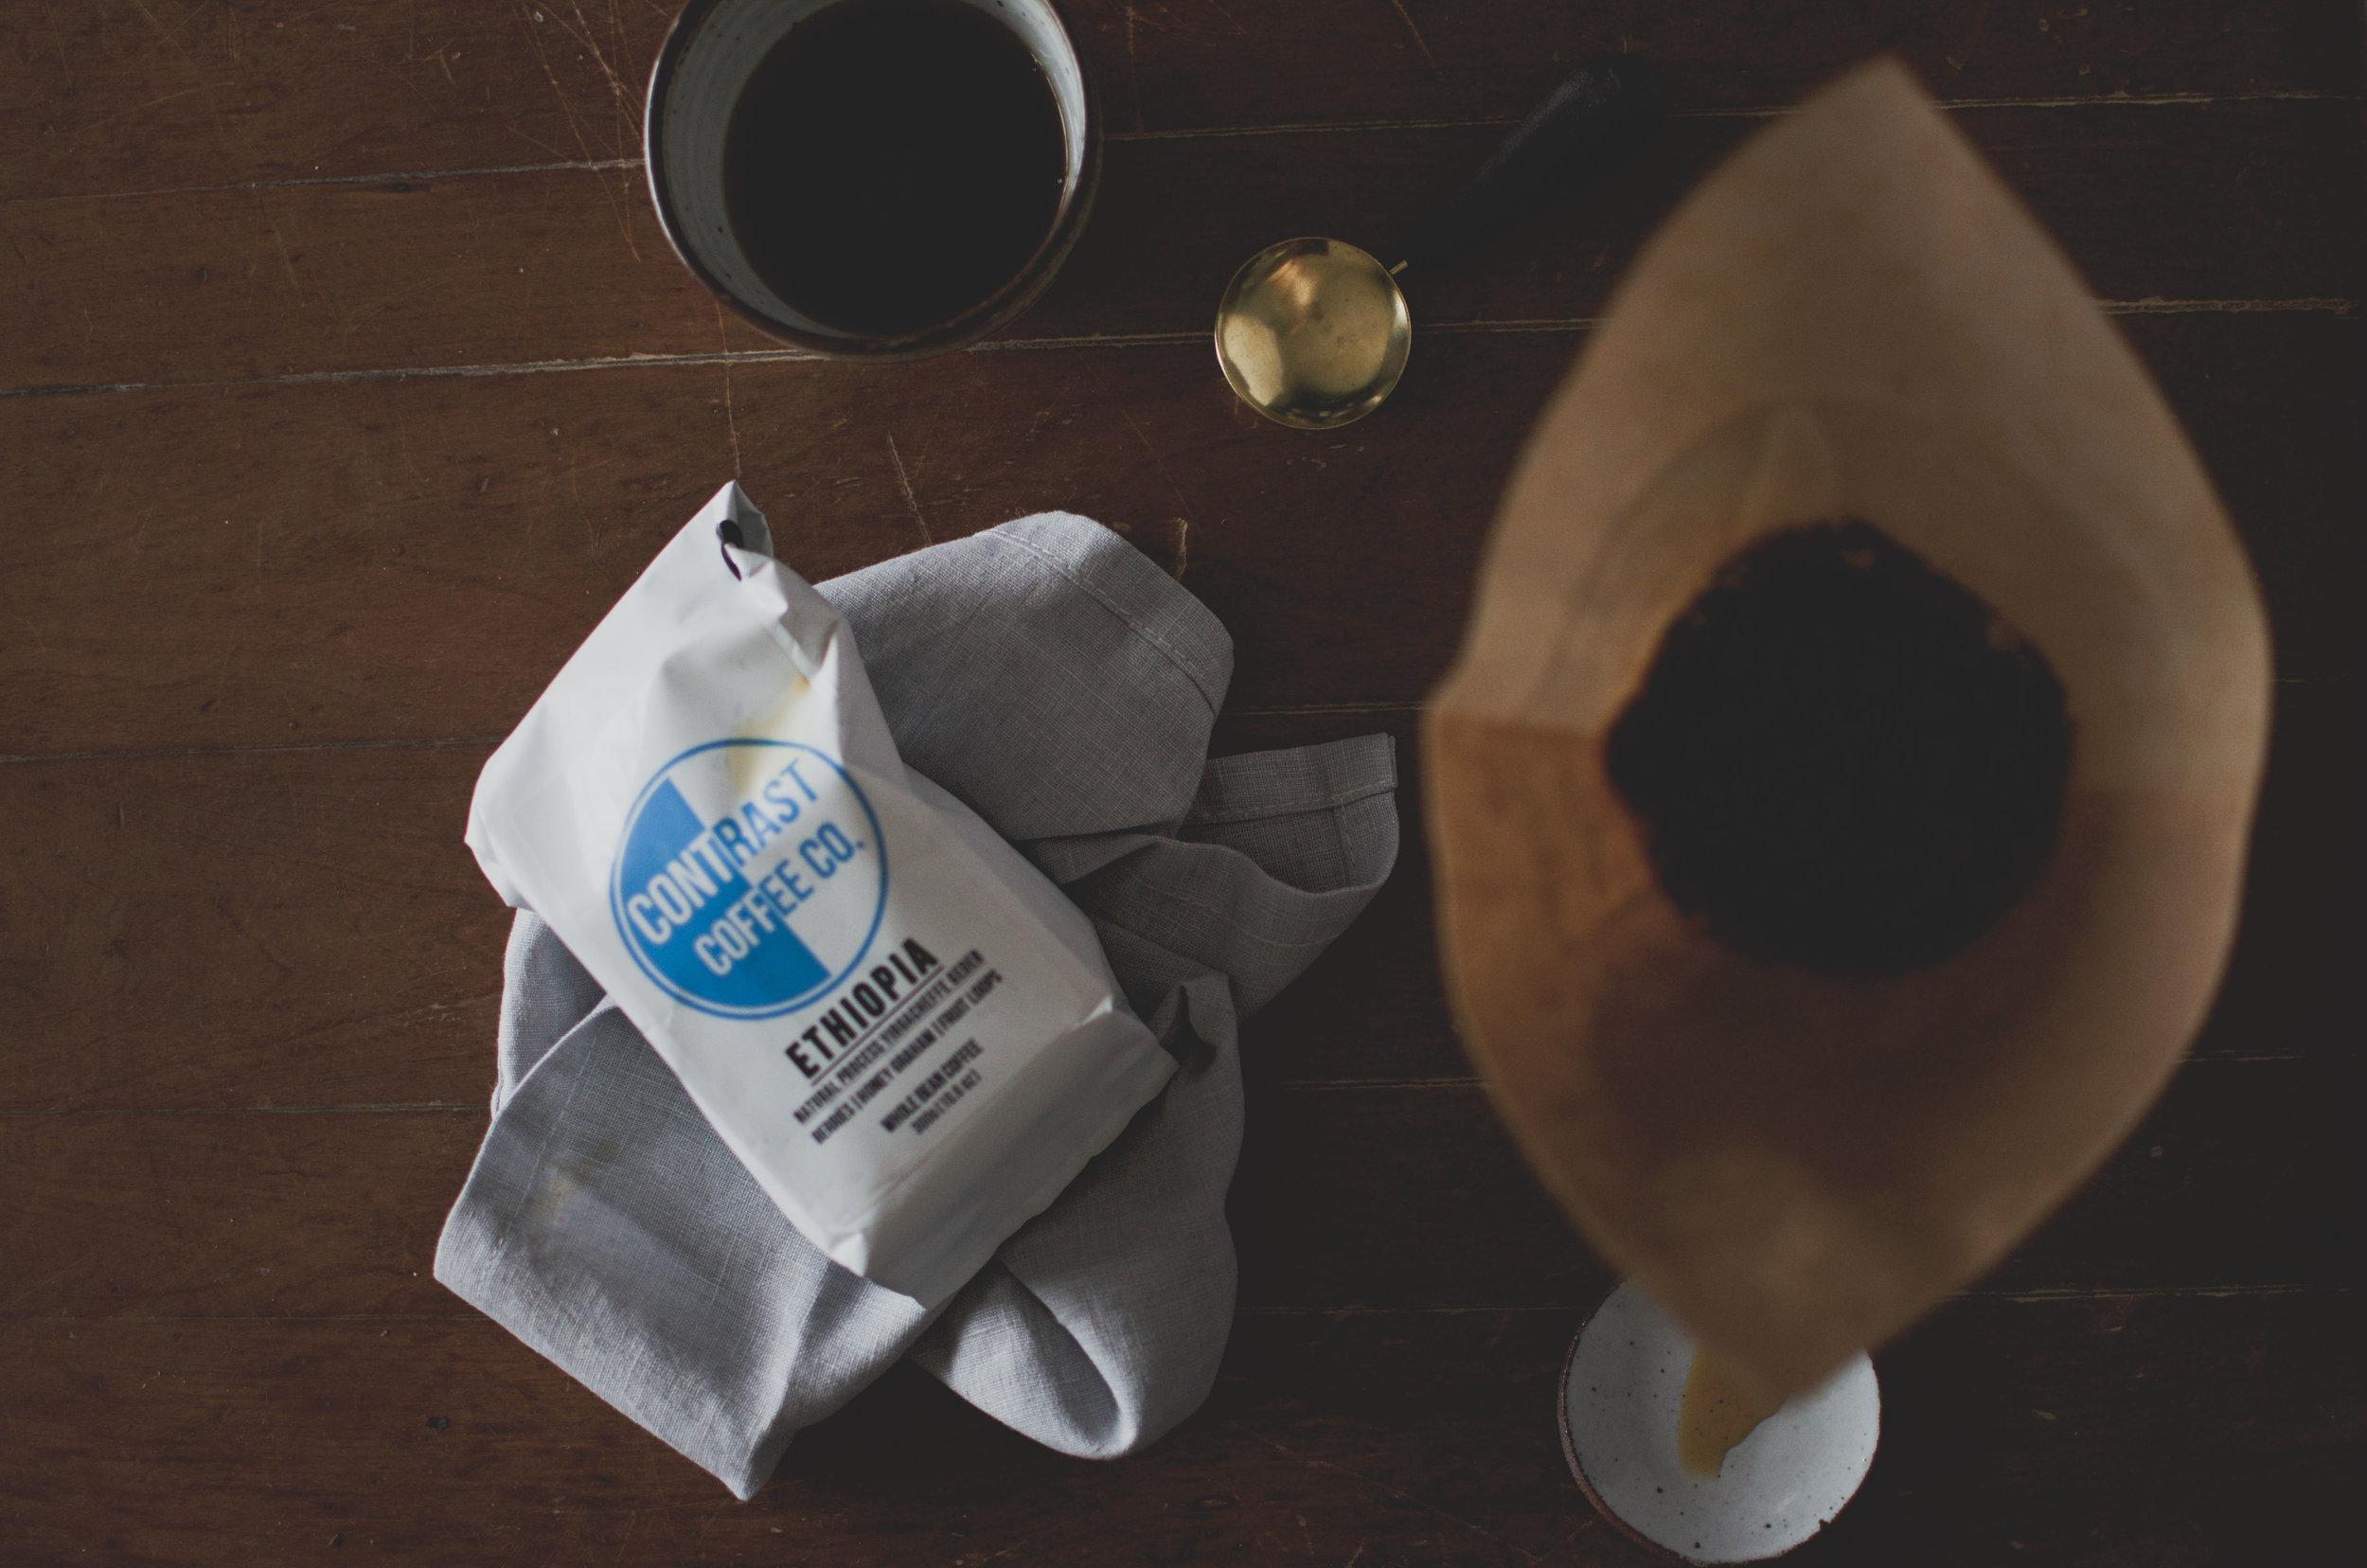 Wendling_Boyd_Daily_Brew_Coffee_Day_Contrast_Coffee-9.jpg